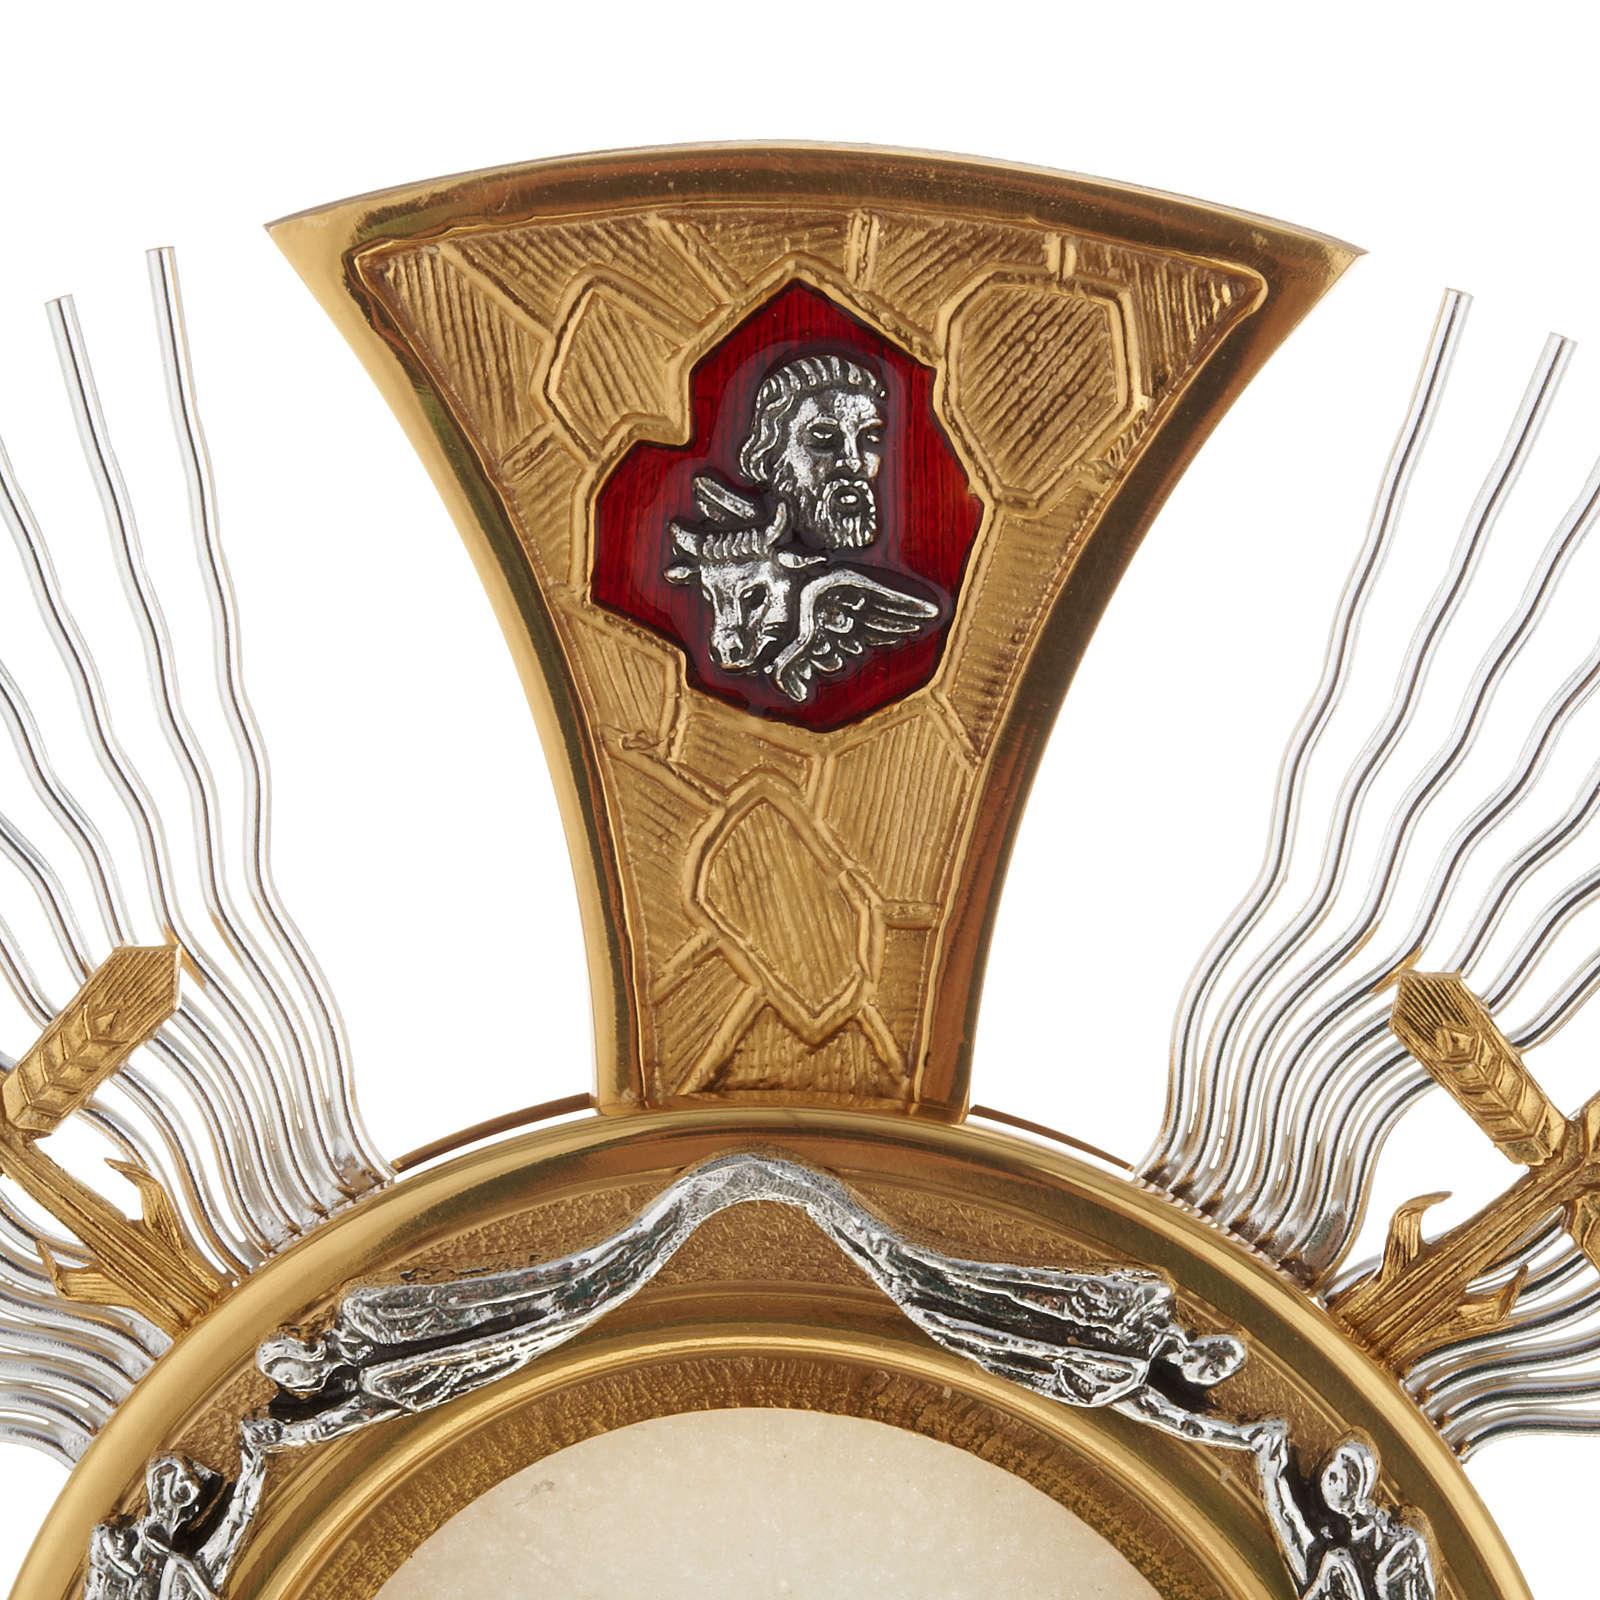 Custodia con corona de rayos y cruces 4